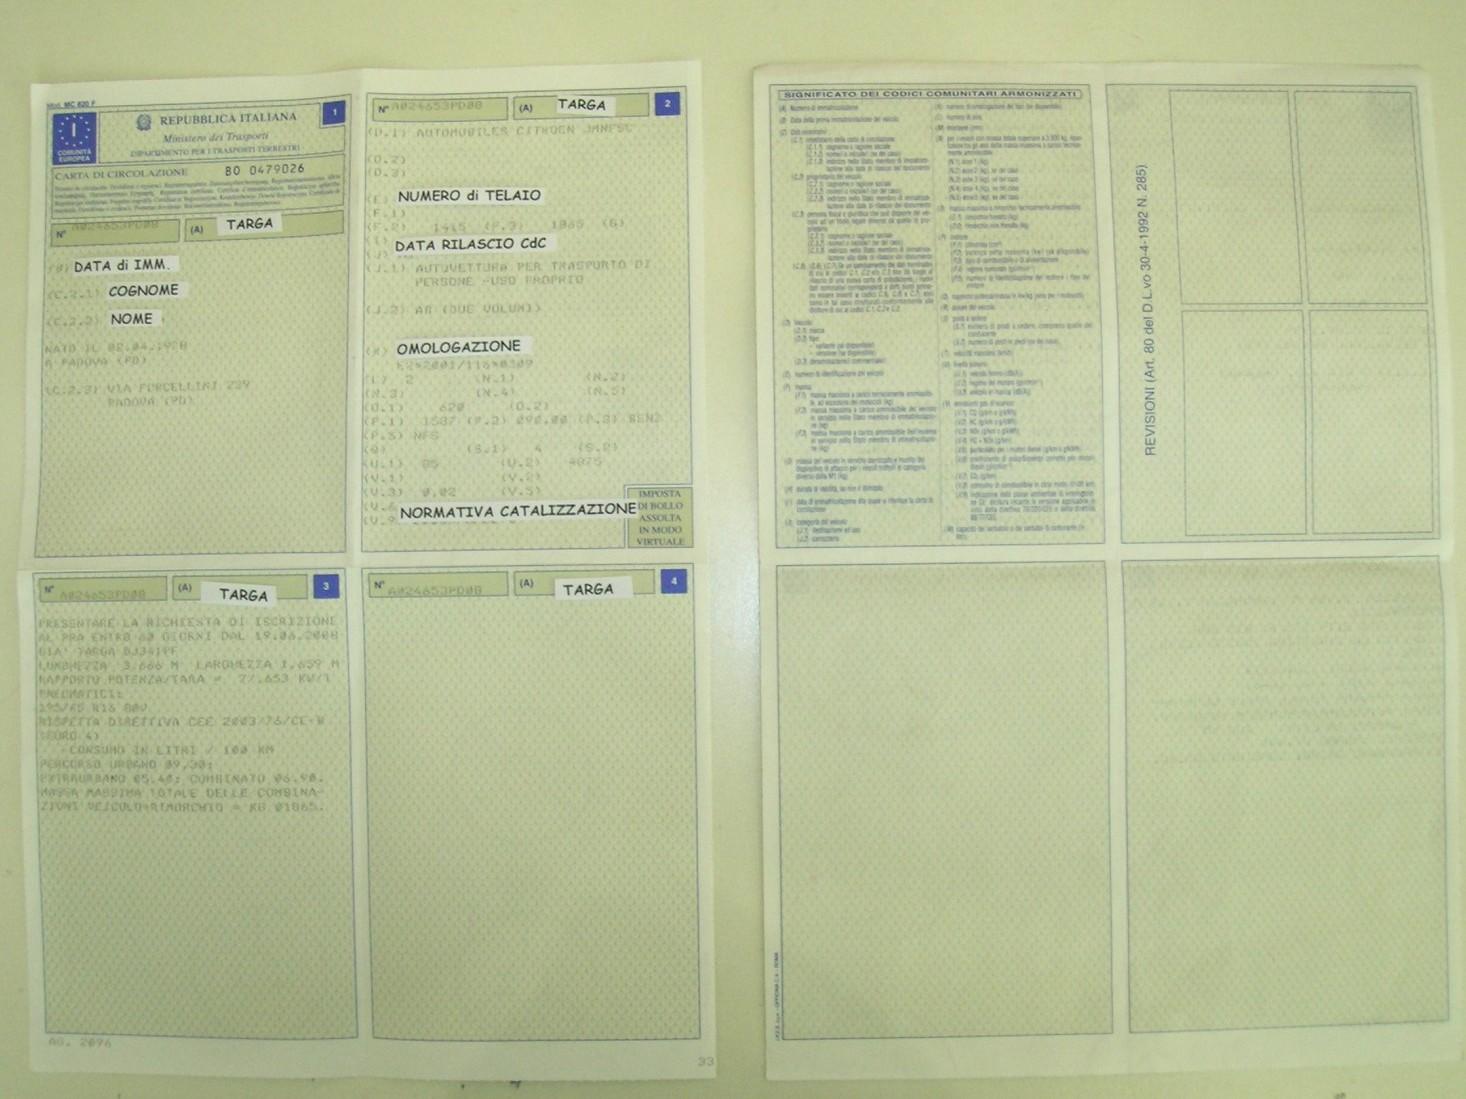 Carta di circolazione: come si legge il libretto auto?